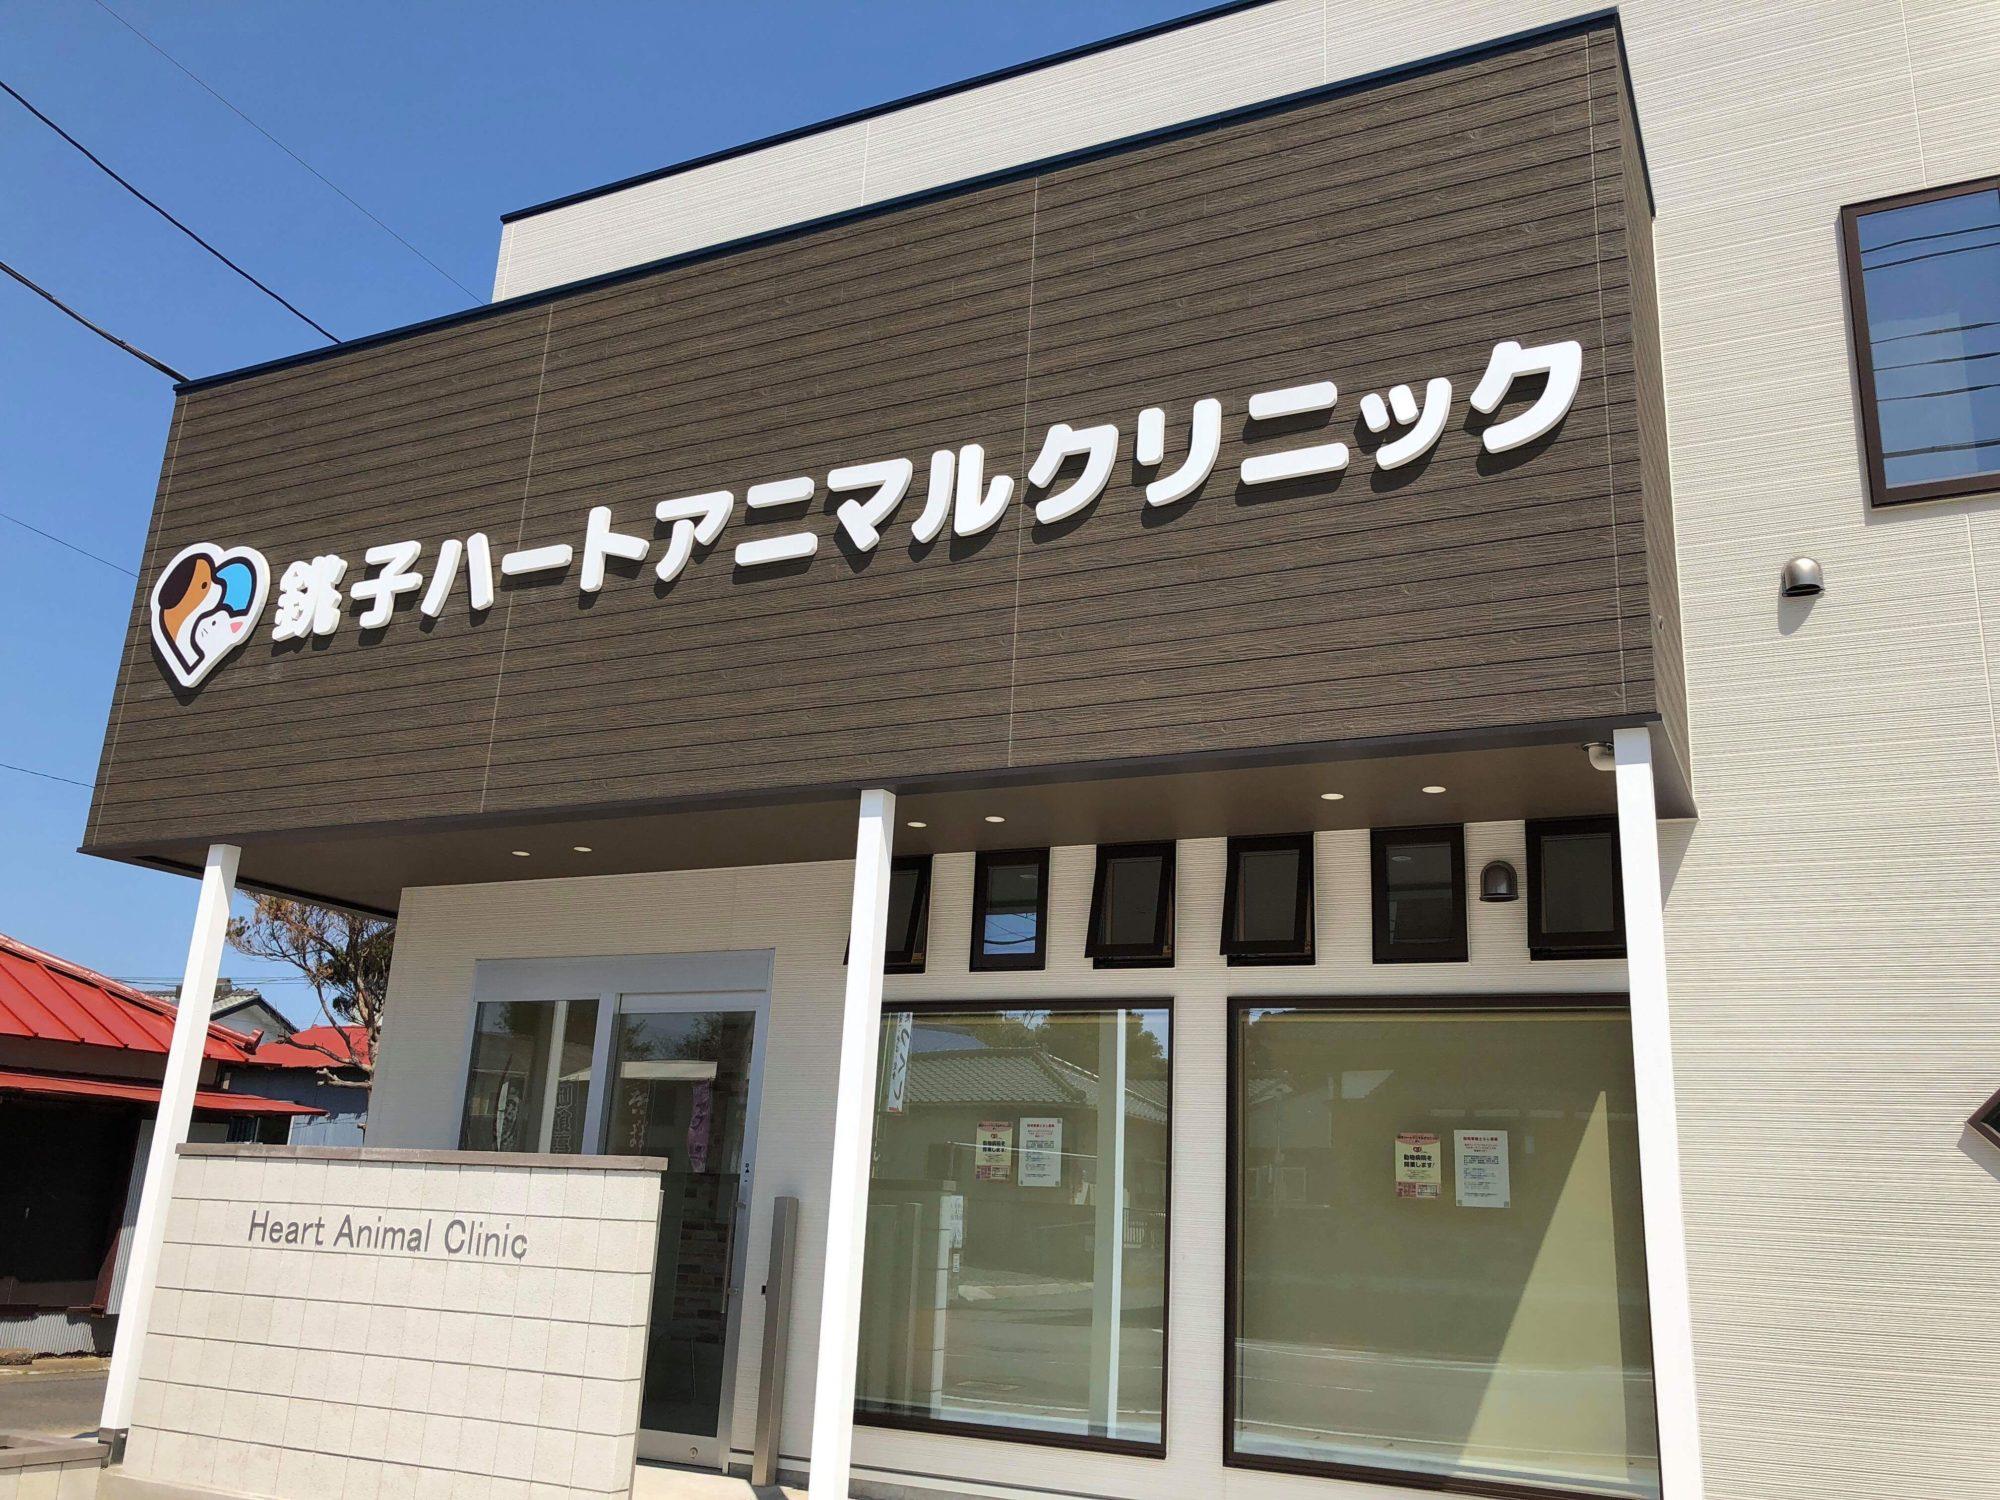 銚子ハートアニマルクリニック